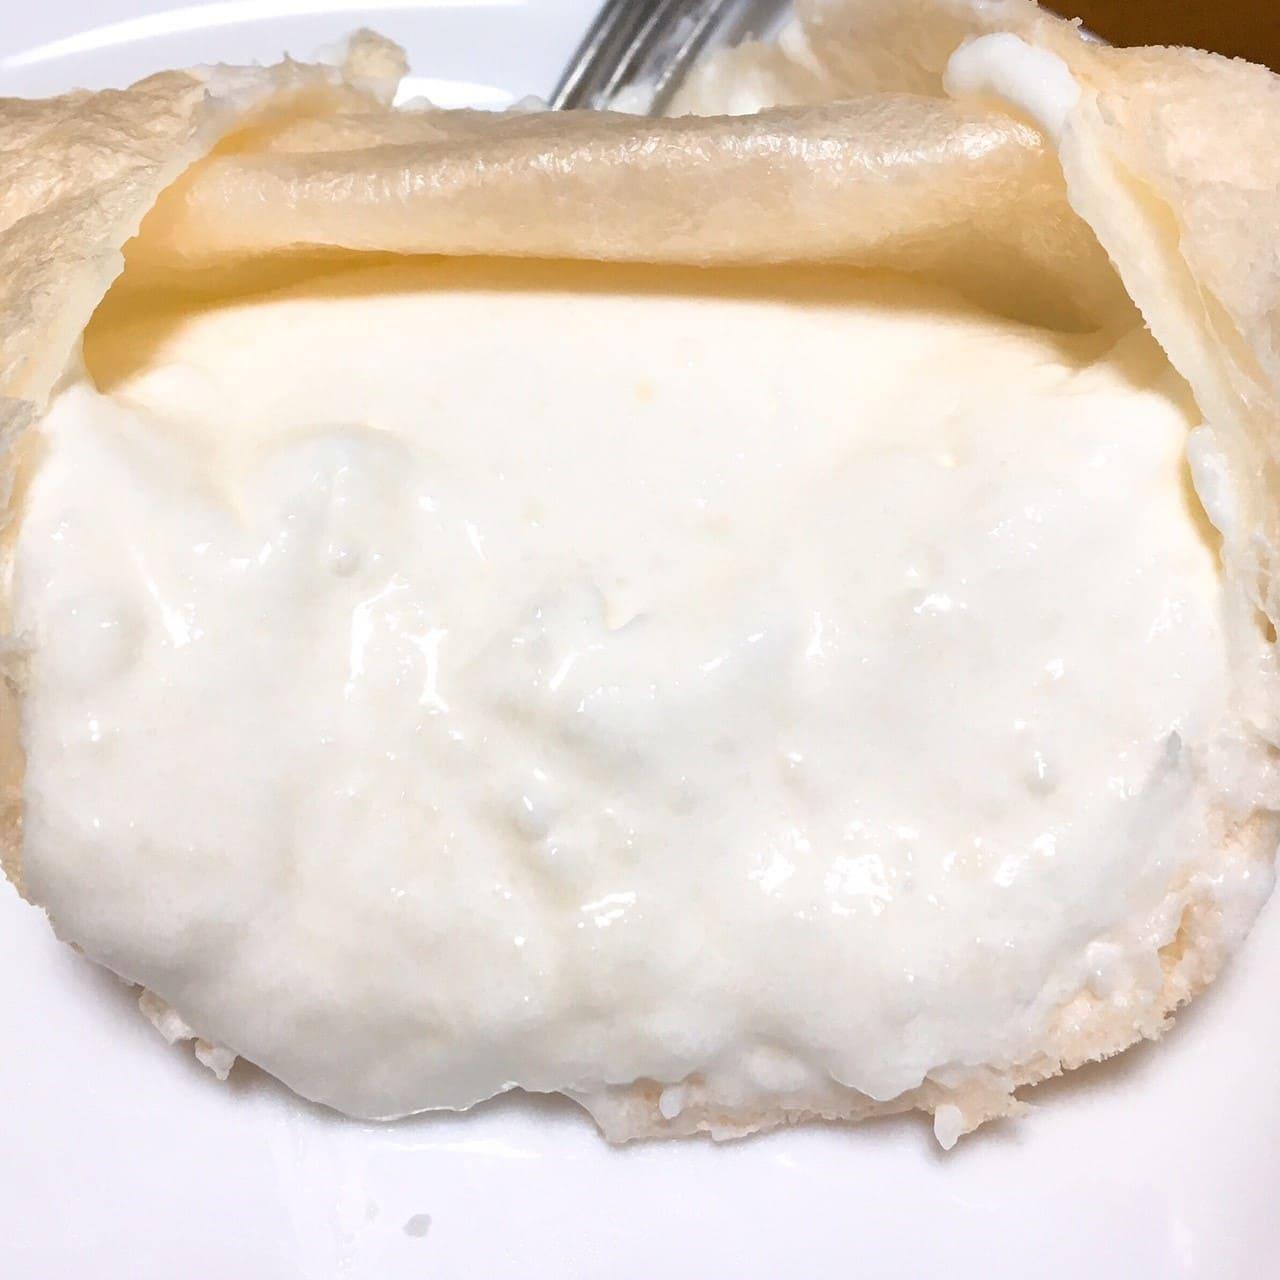 ミルクムースの雪もこクリーム